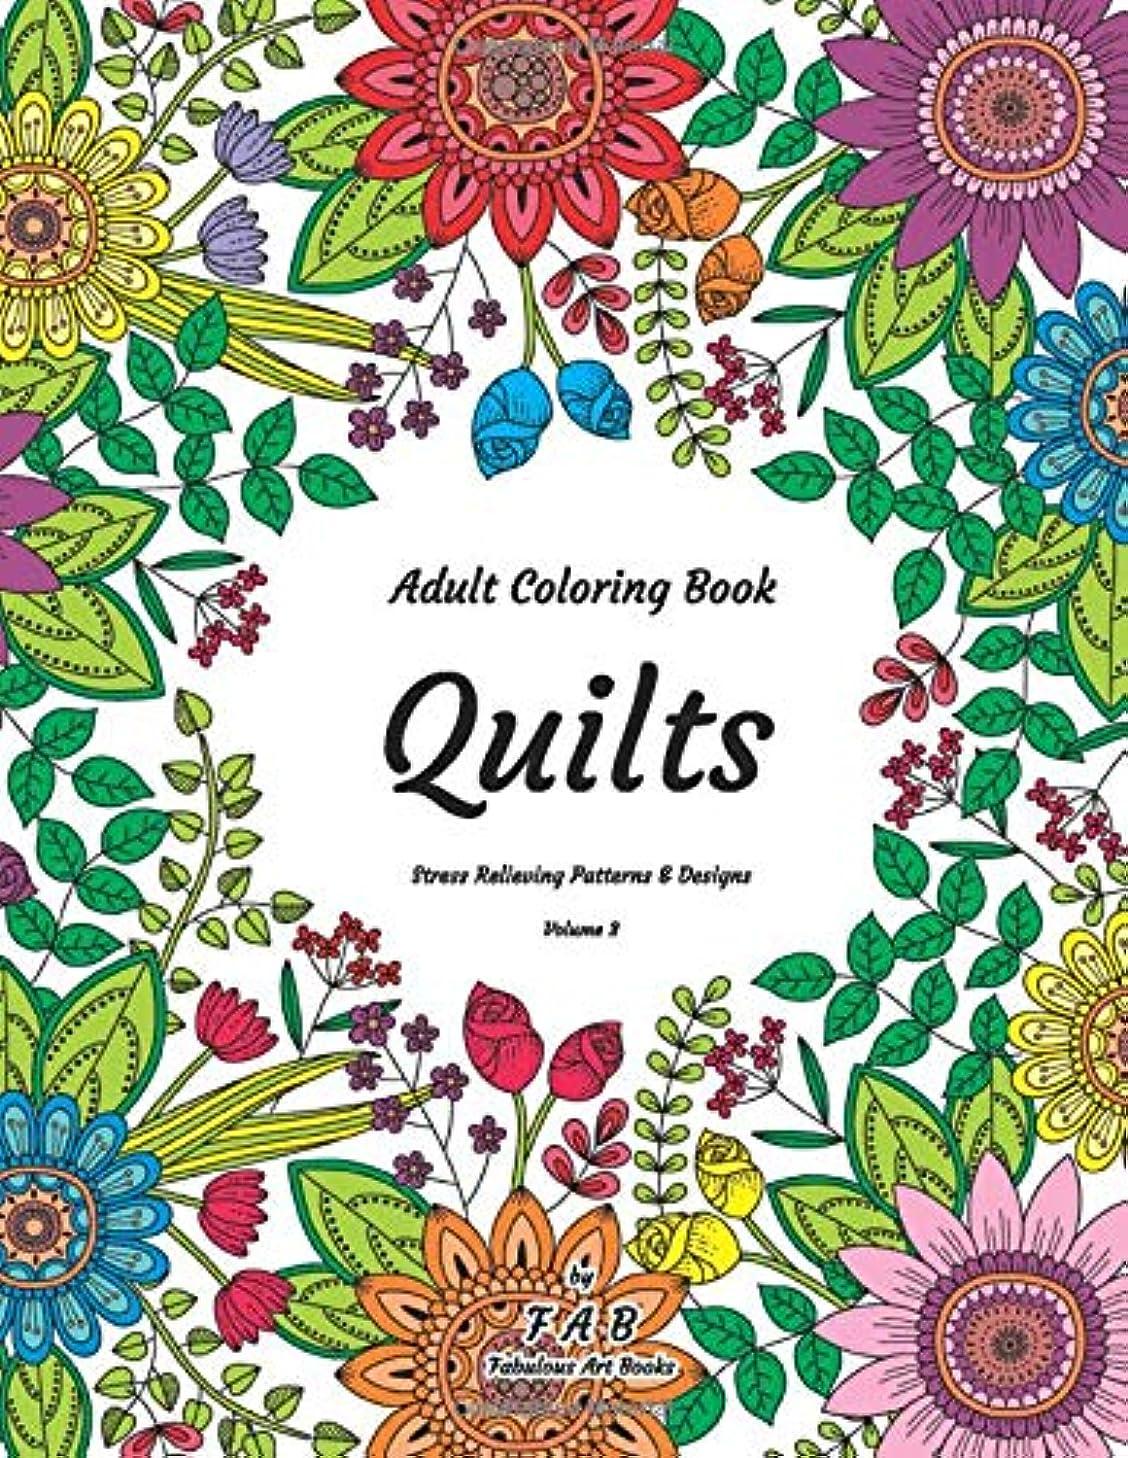 ヒゲクジラ配偶者入り口Adult Coloring Book - Quilts - Stress Relieving Patterns & Designs - Volume 3: More than 50 unique, fabulous, delicately designed & inspiringly intricate stress relieving patterns & designs!